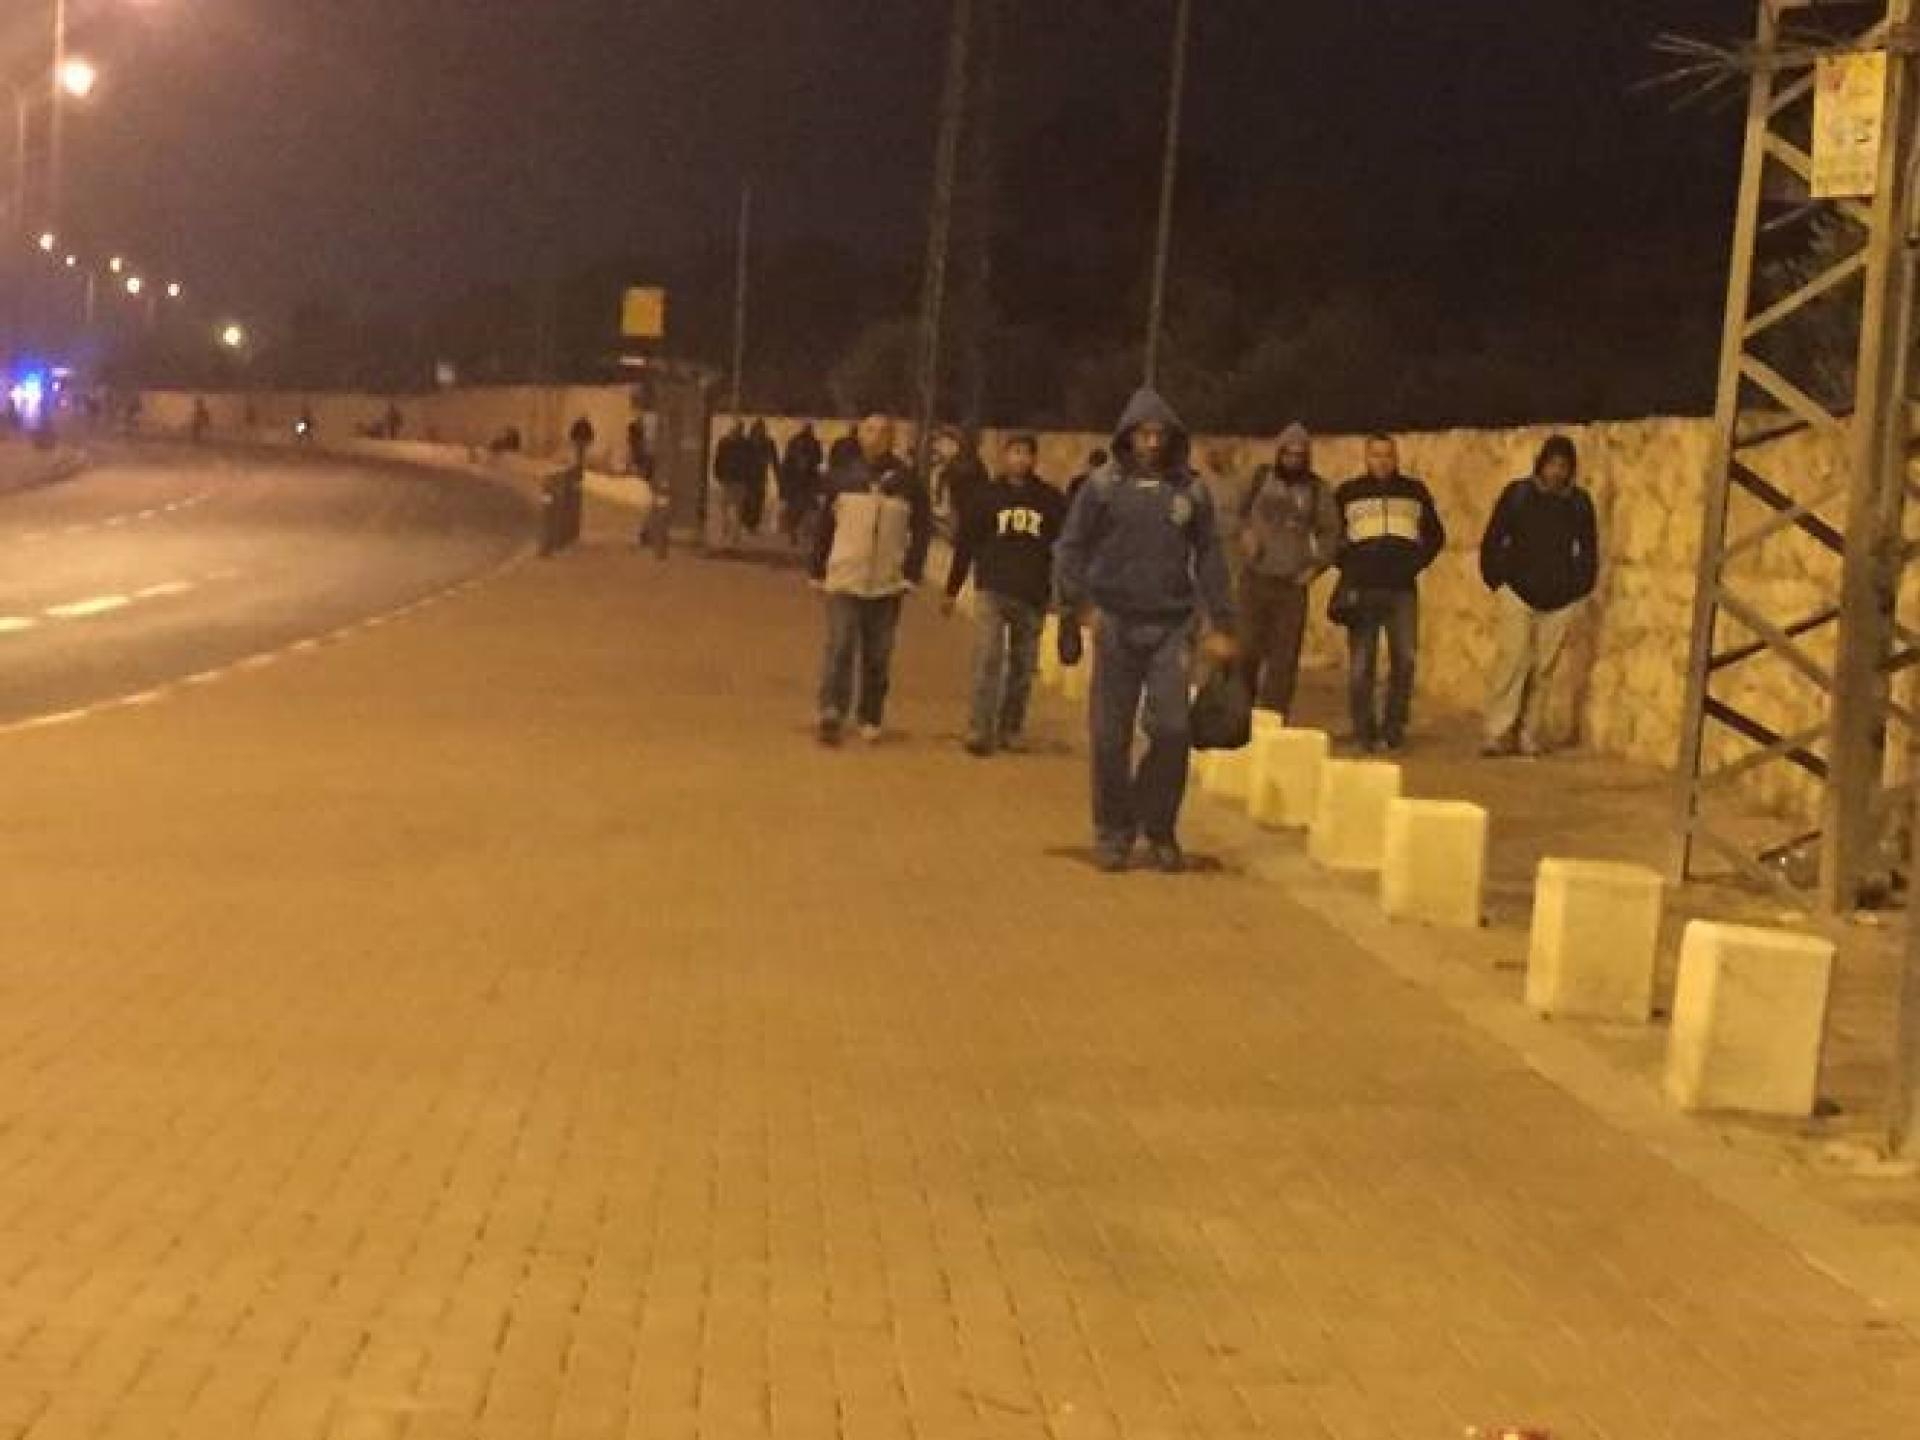 מחסום בית לחם 0515 בשעה זו כבר יוצא מהמחסום זרם של גברים פלסטינים